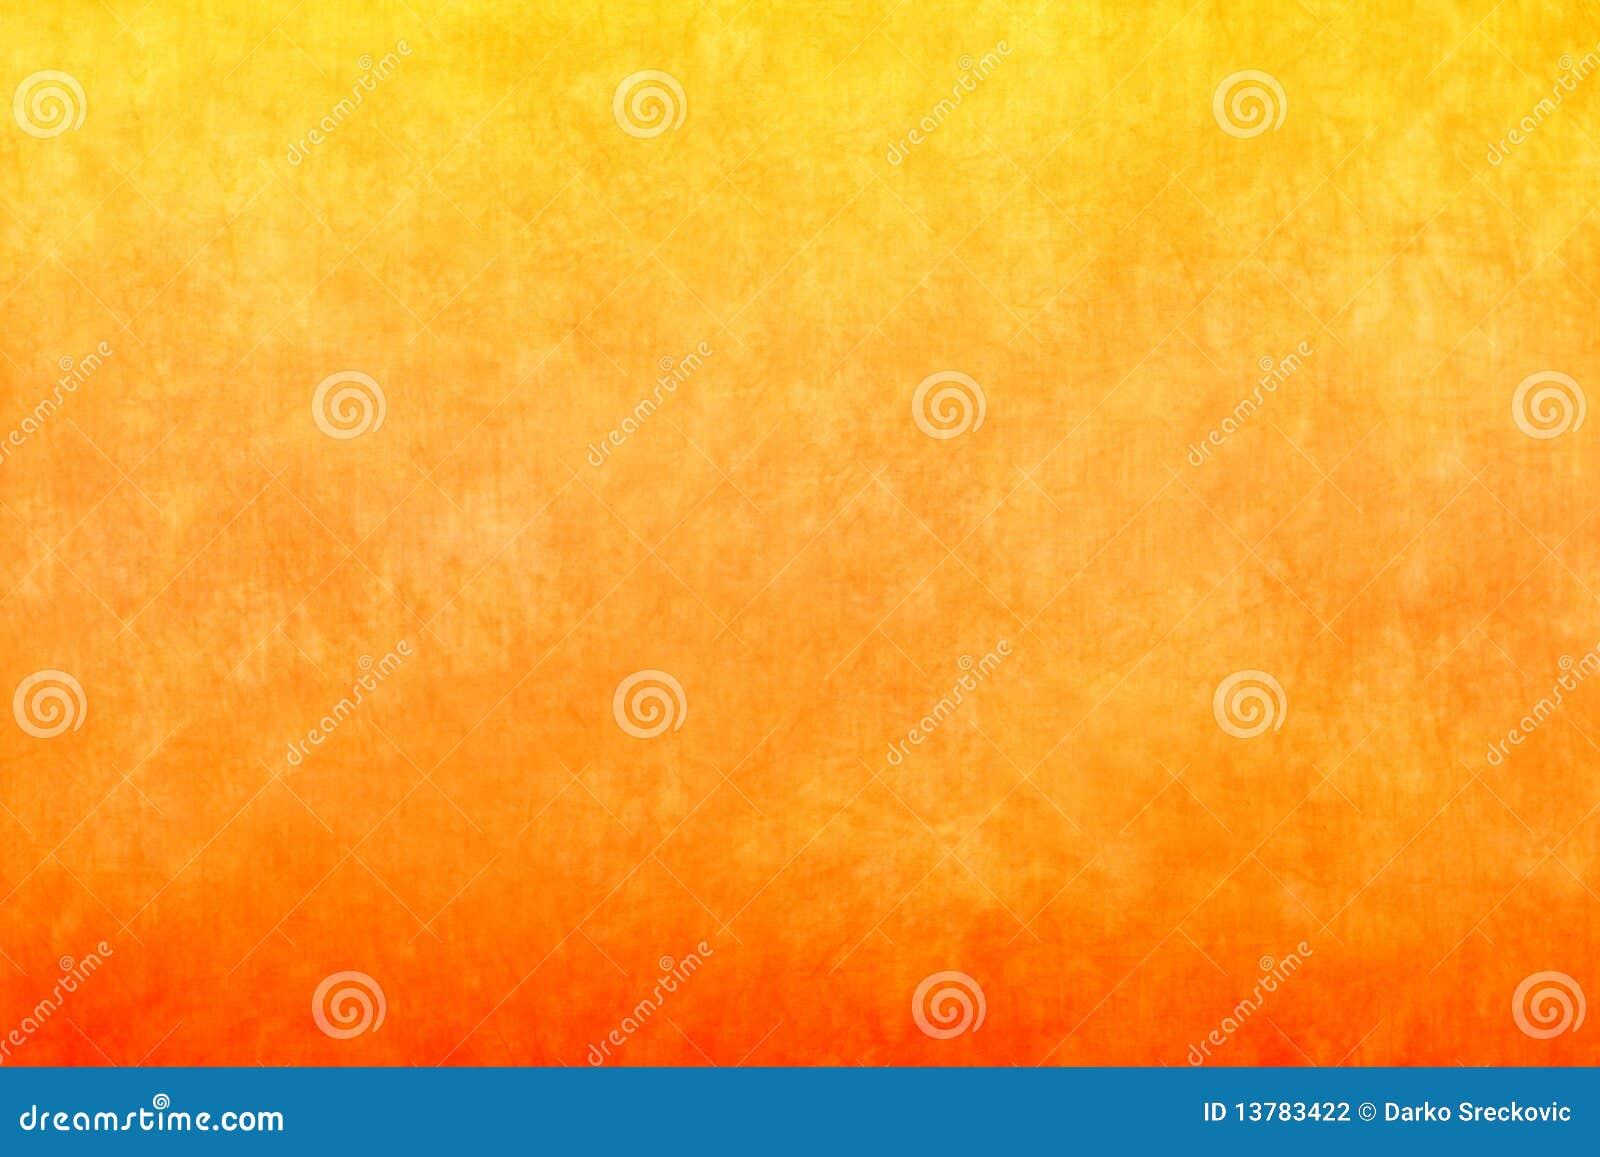 Gelb-orangeer Hintergrund